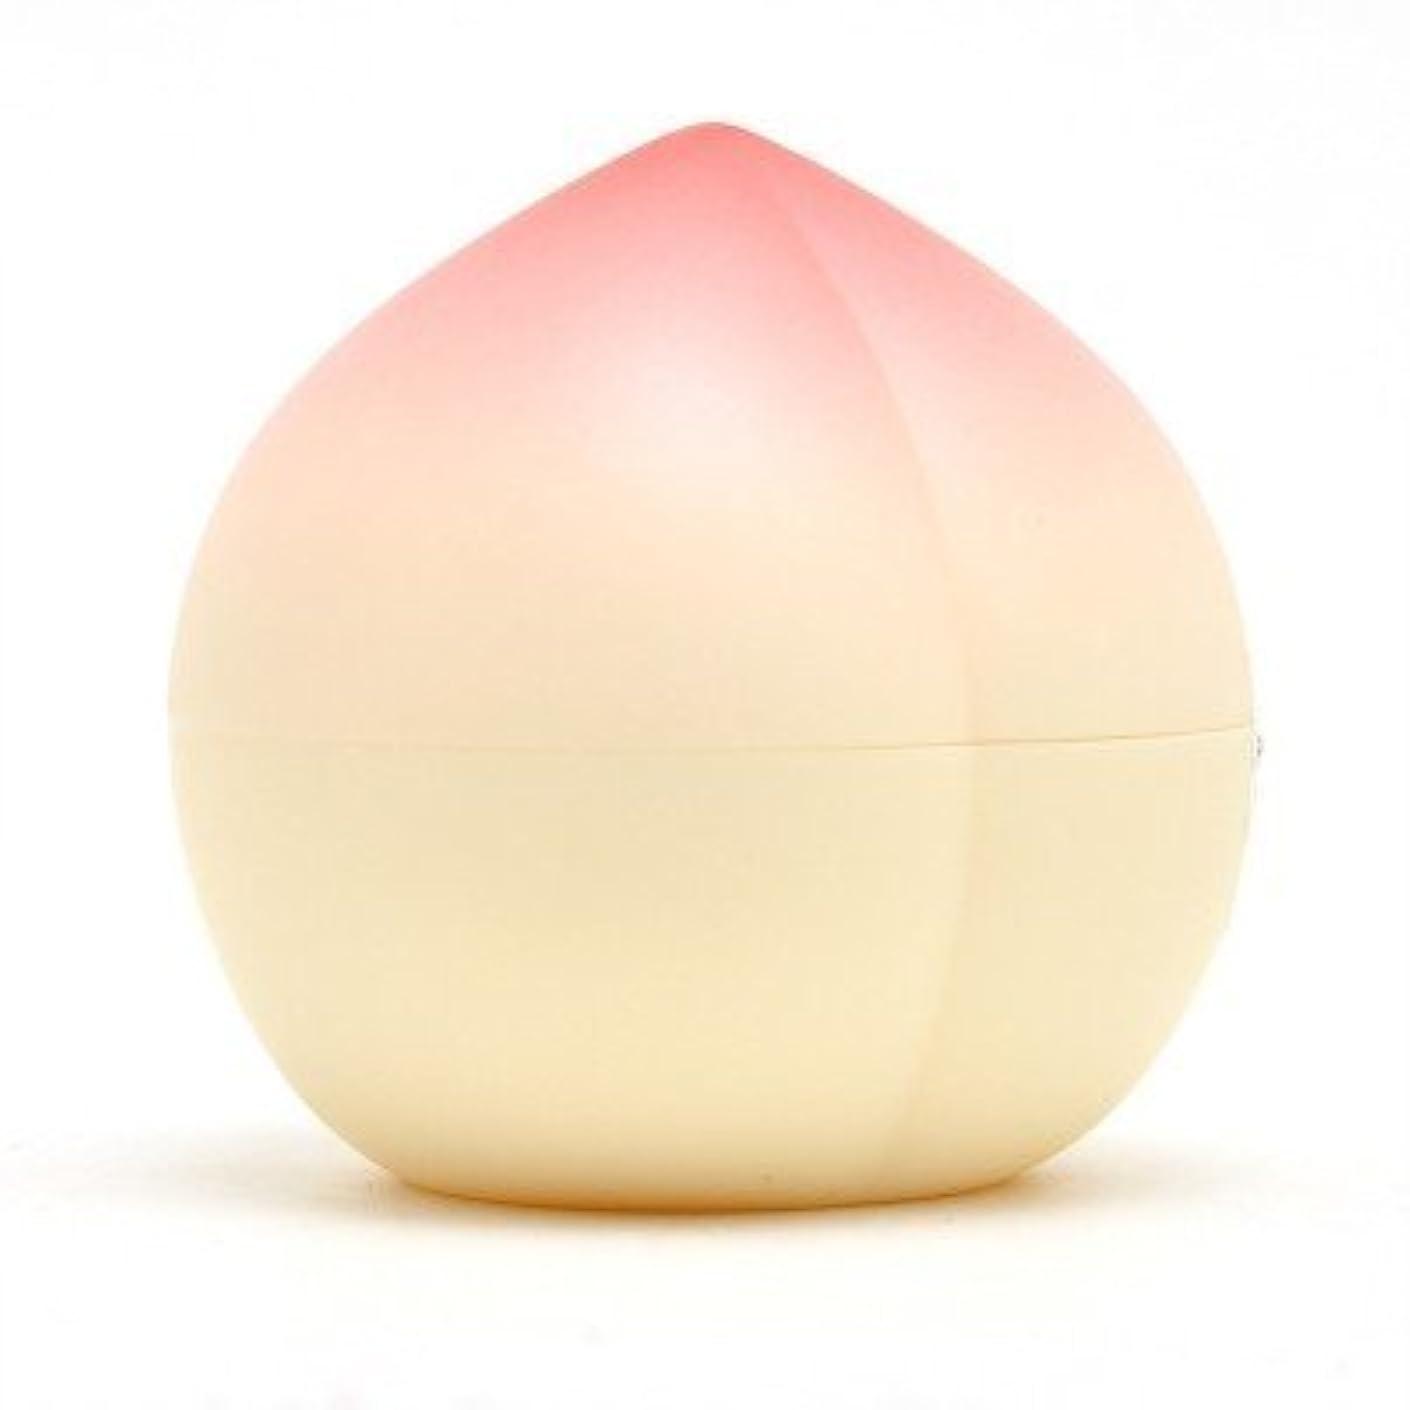 ギャロップ日床を掃除するTONYMOLY トニーモリー ピーチ?ハンドクリーム 30g (Peach Antiaging Hand Cream) 海外直送品